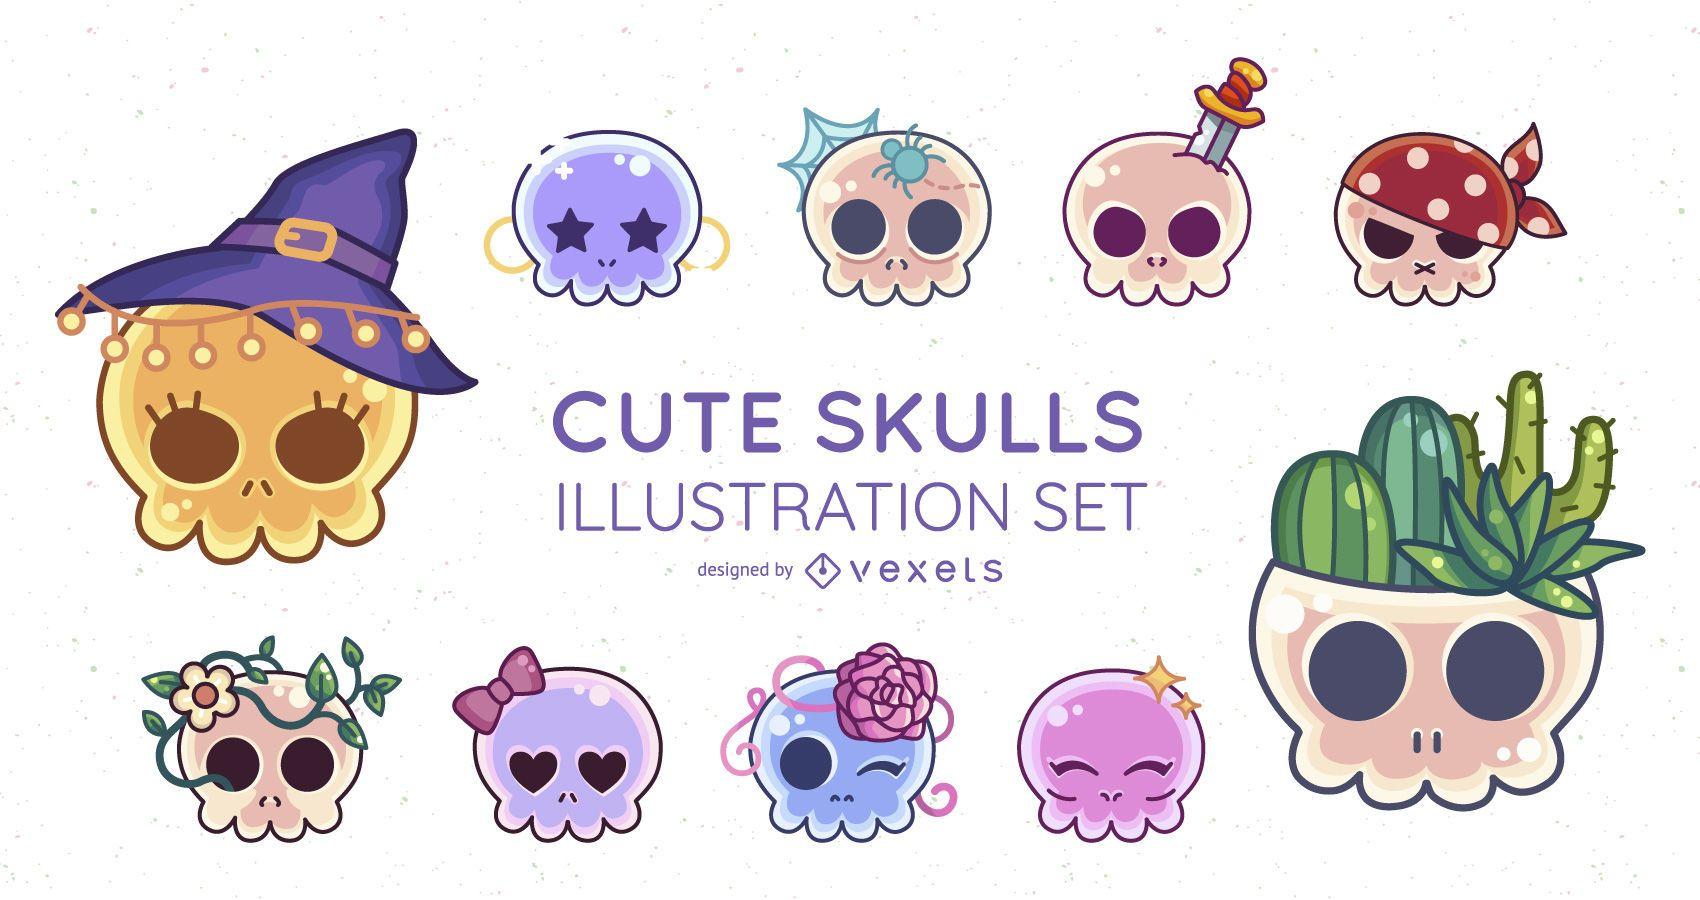 Cute skulls illustration set